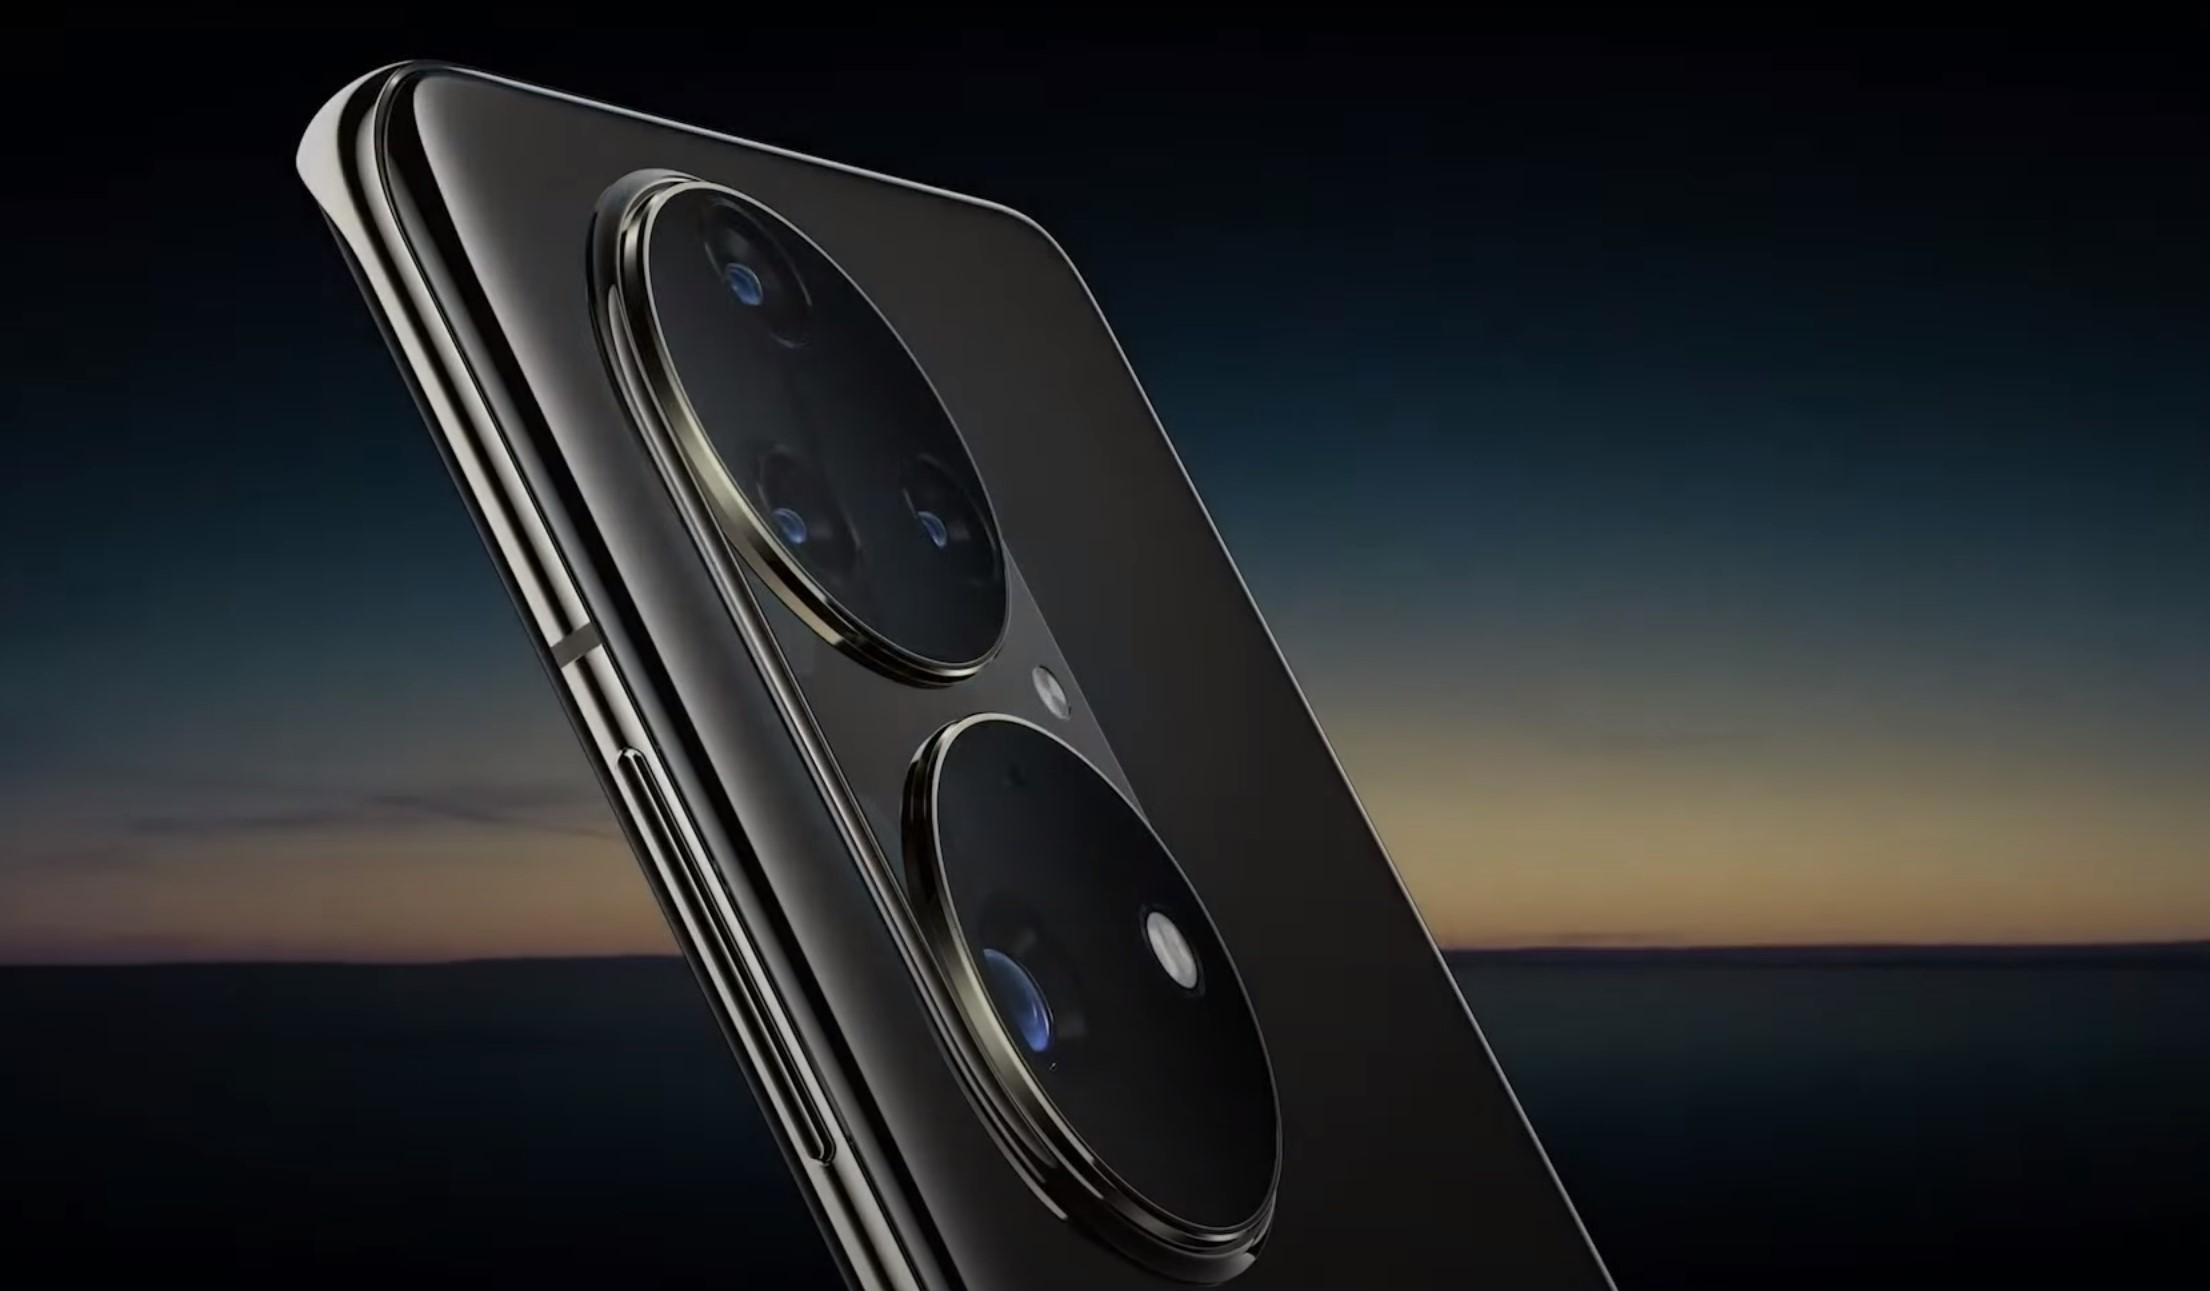 Huawei představí novinky P50 na konci měsíce [aktualizováno]